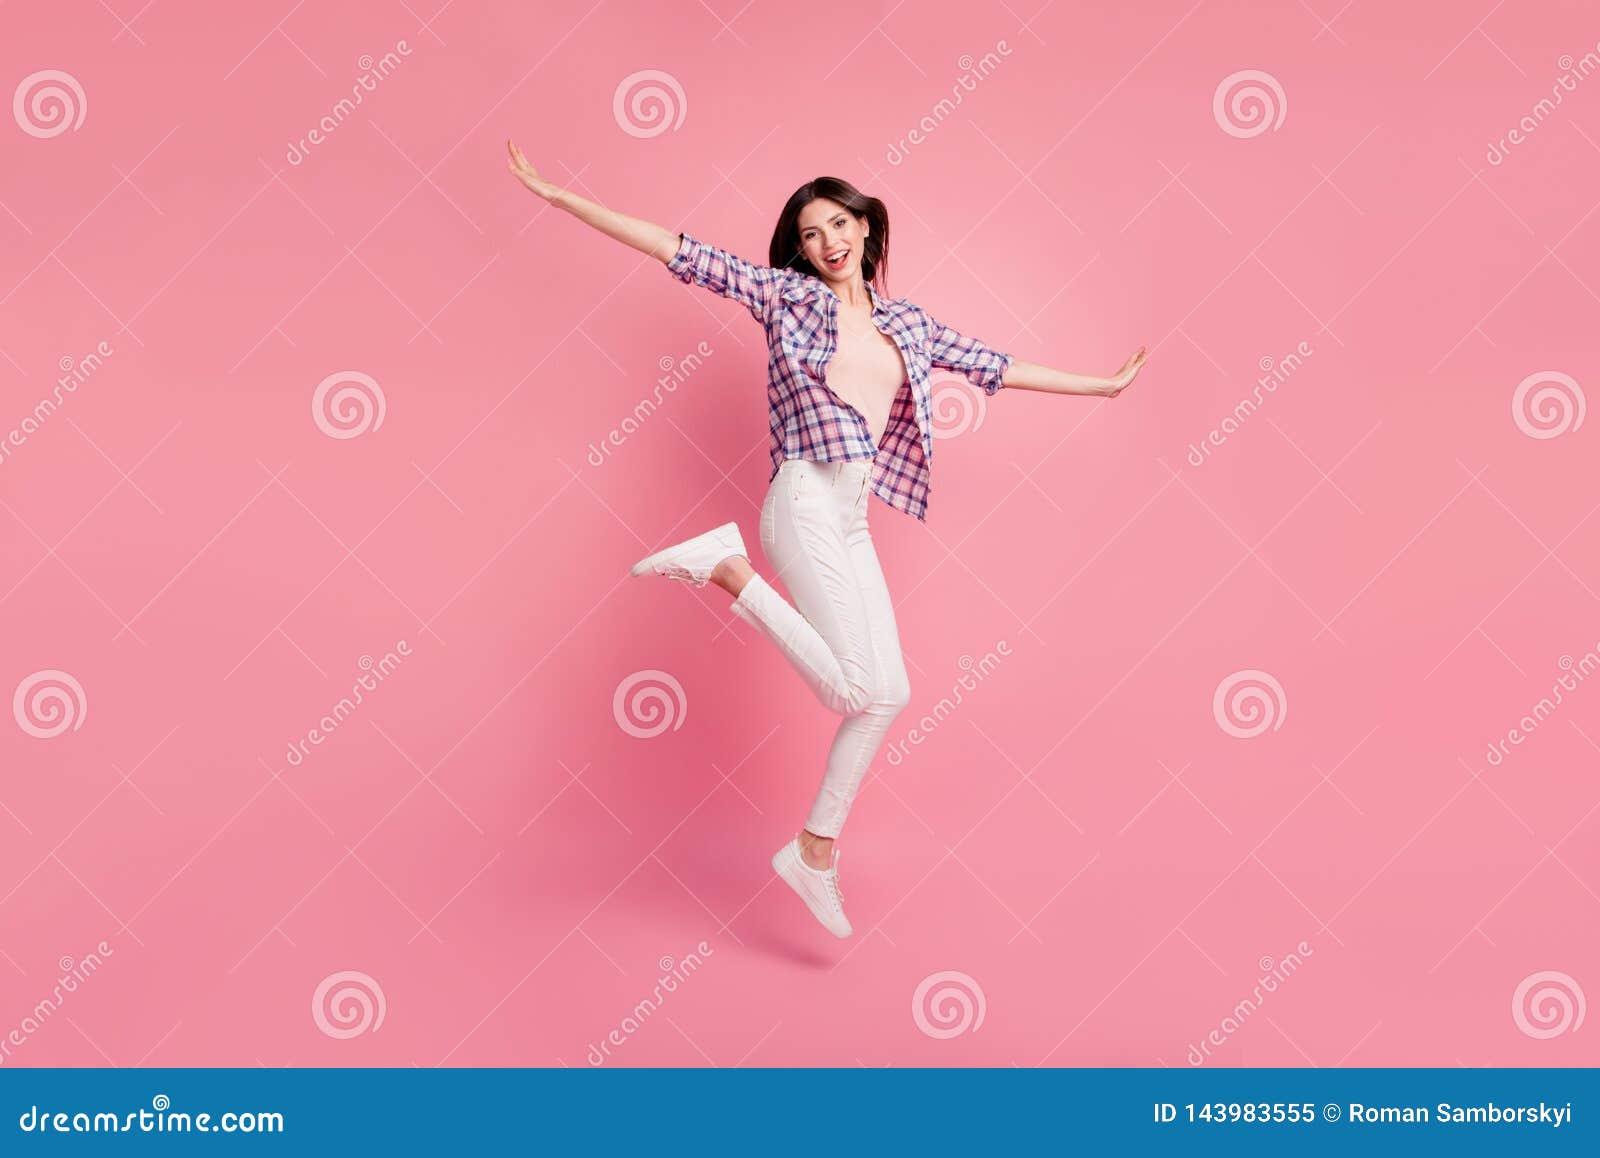 Pełna długości strony profilu ciała rozmiaru fotografia piękna ona dama skacze wysoko udaje lotniczego lot imaginacyjni skrzydła